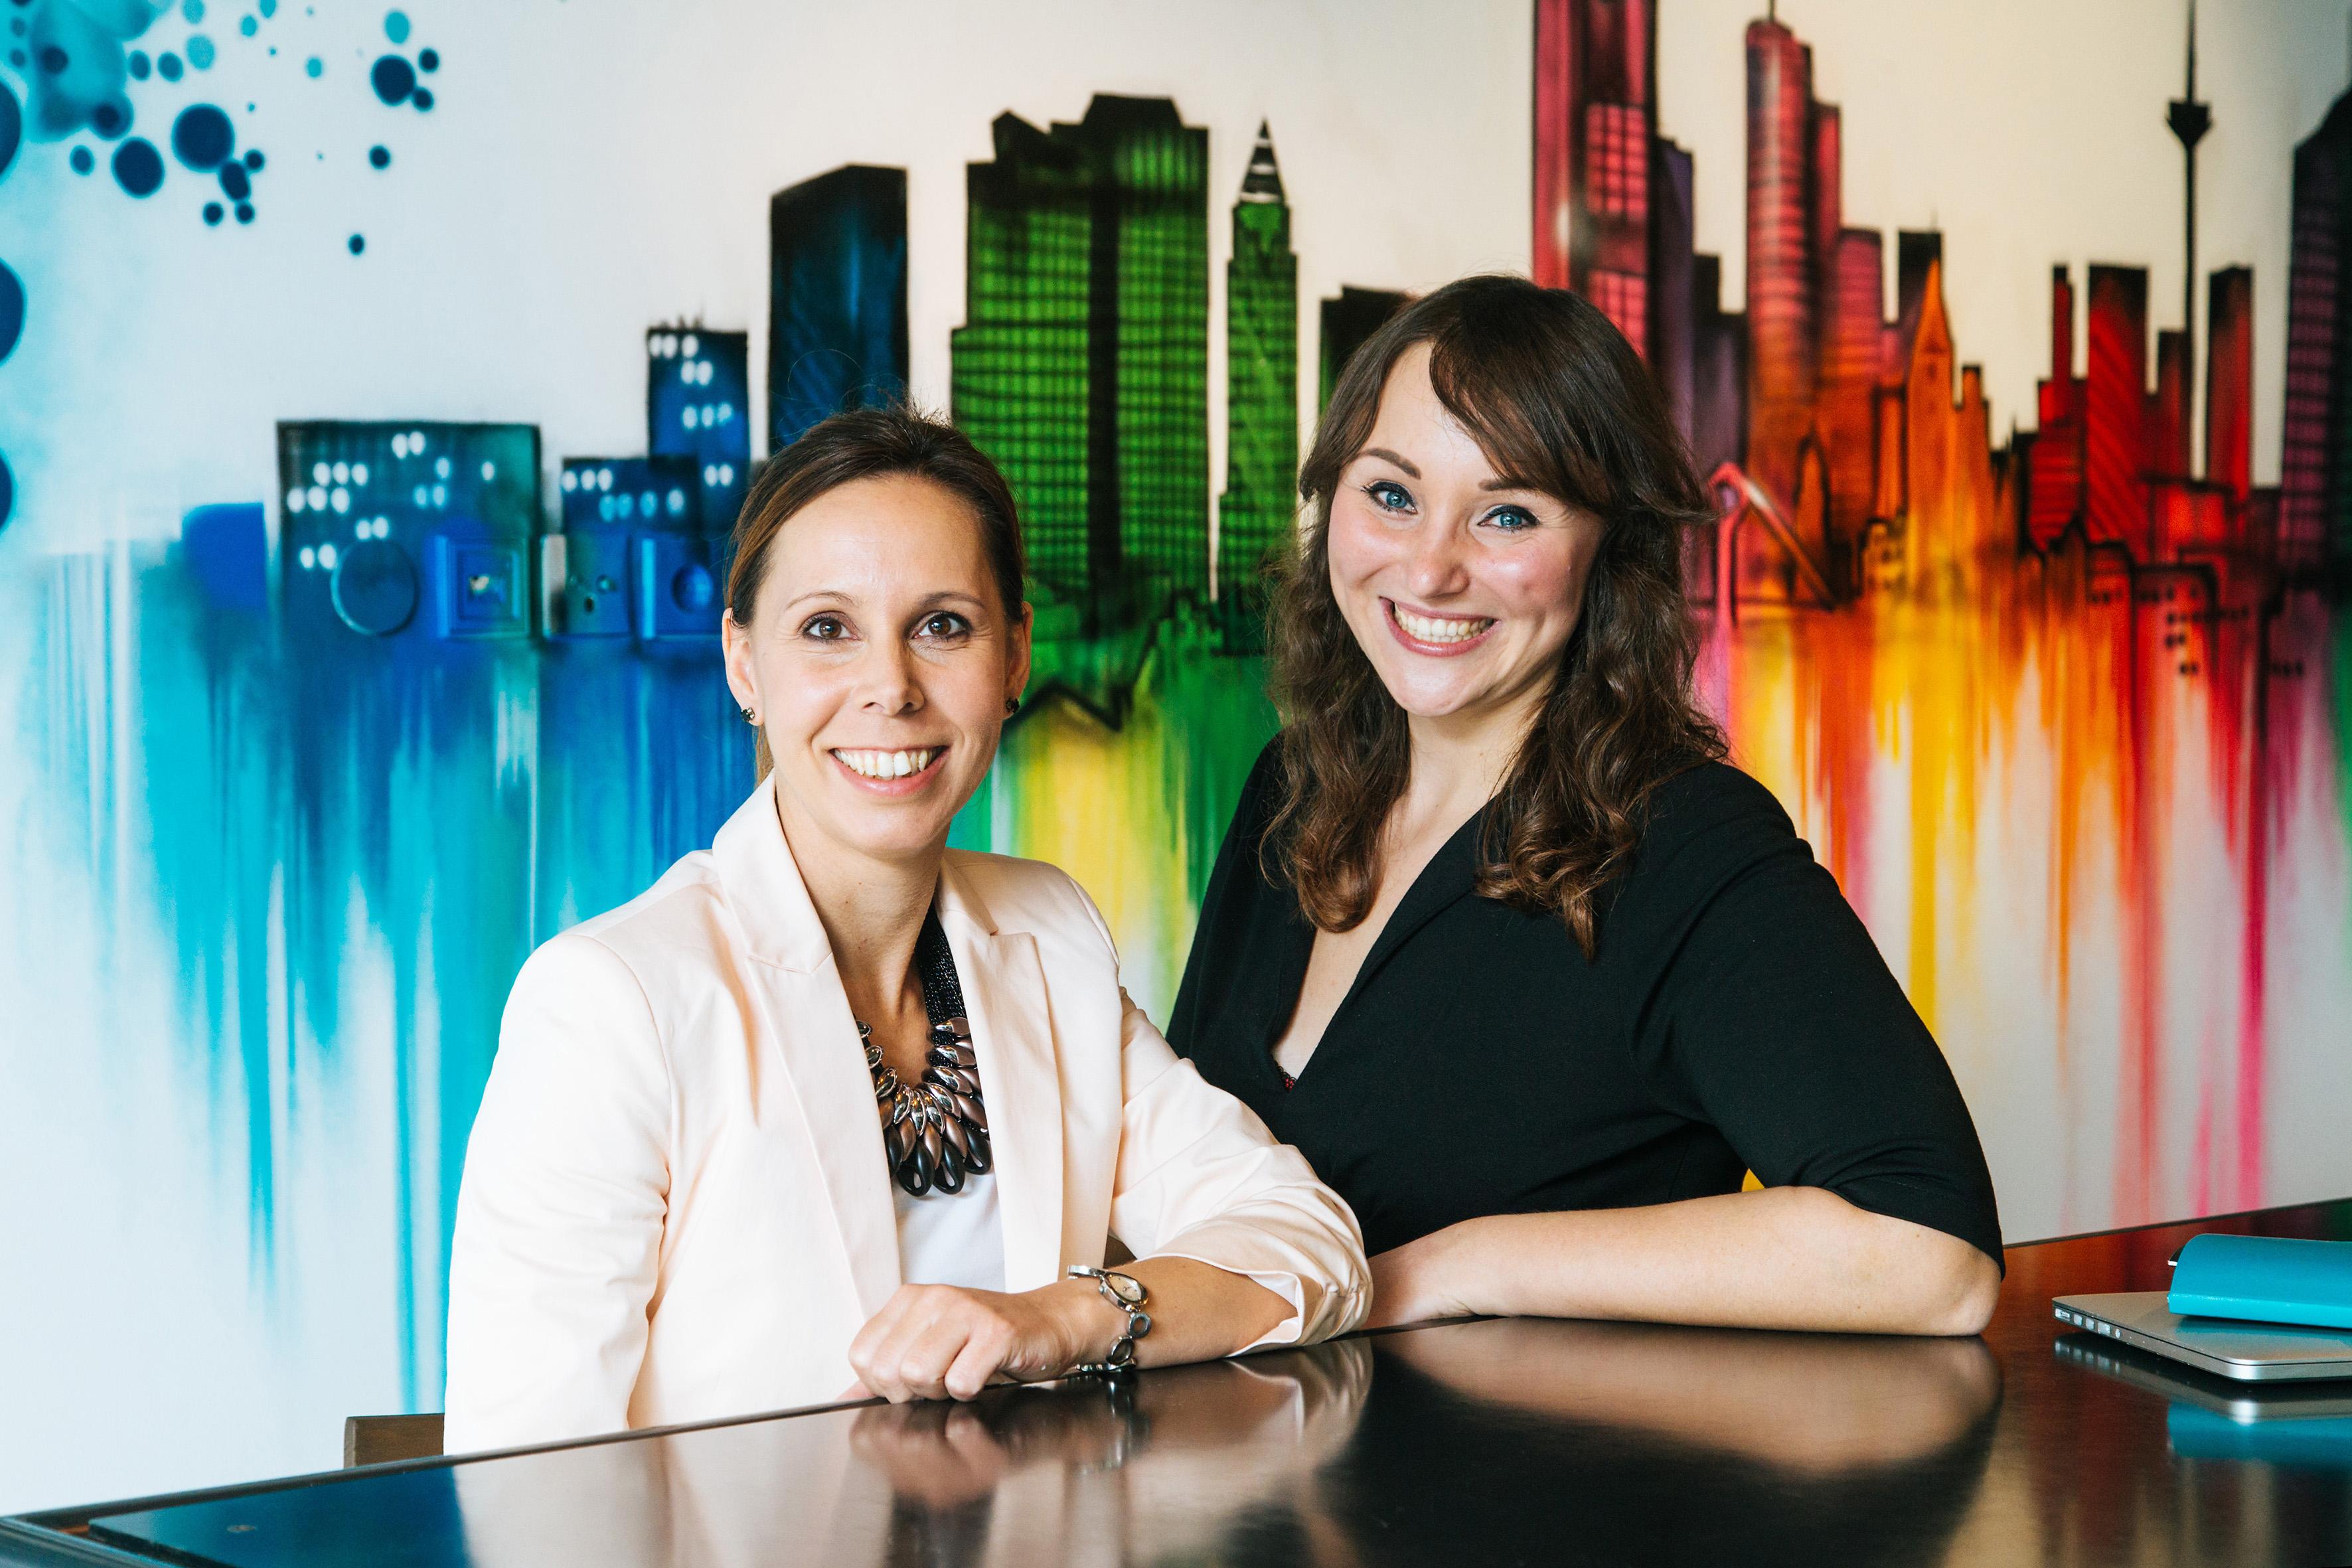 Zwei dunkelhaarige Frau lehnen an einen Tisch und blicken frontal lächelnd in die Kamera. Hinter ihnen ein buntes Graffiti der Frankfurter Skyline.